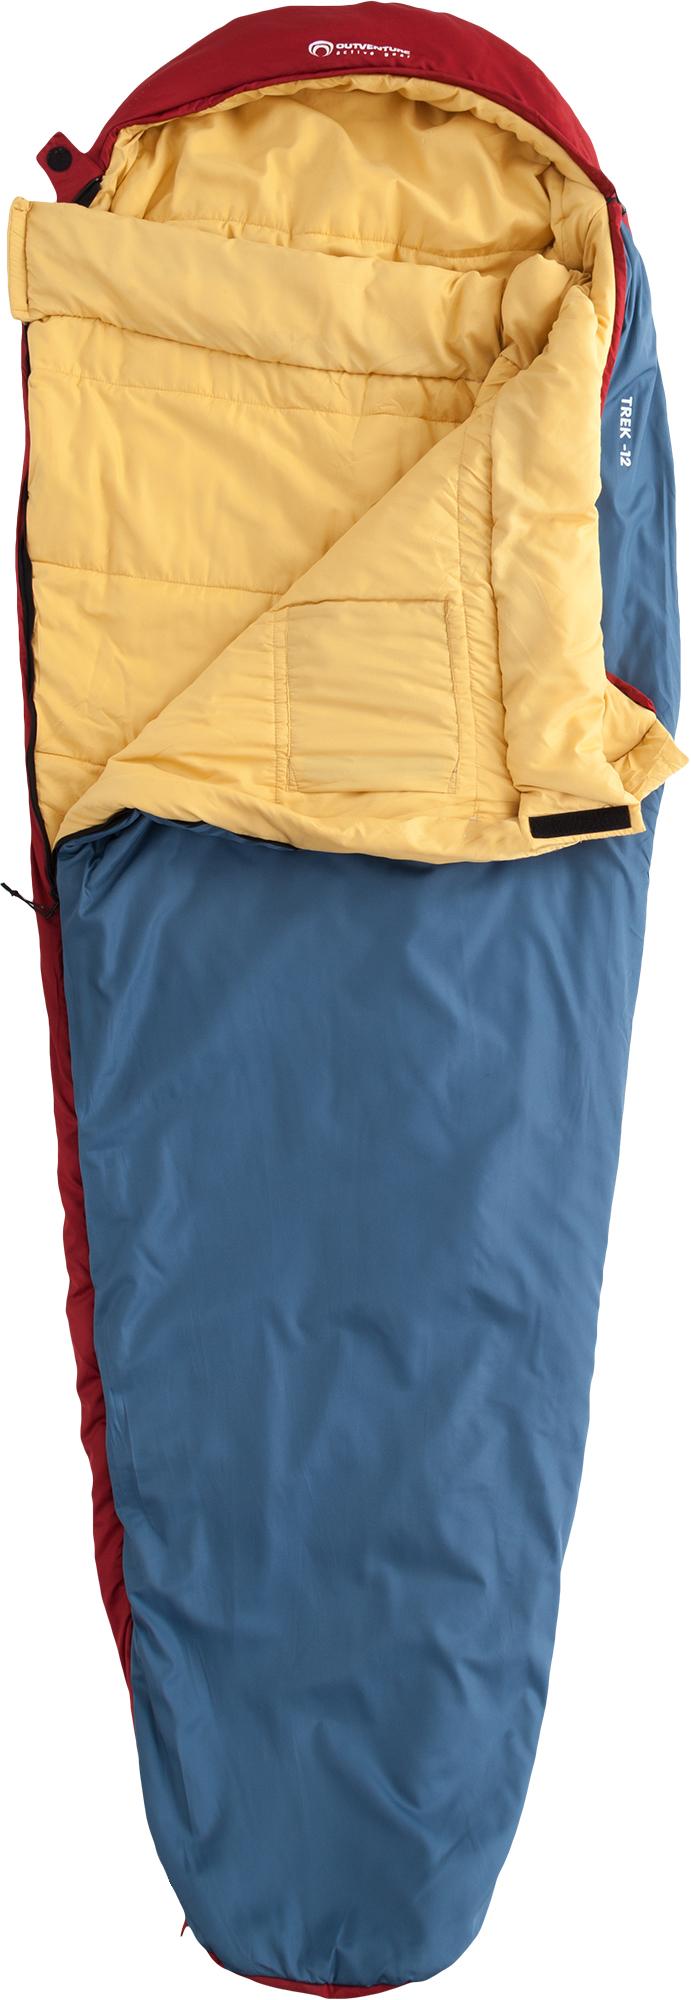 Outventure Outventure TREK T-12, размер 180